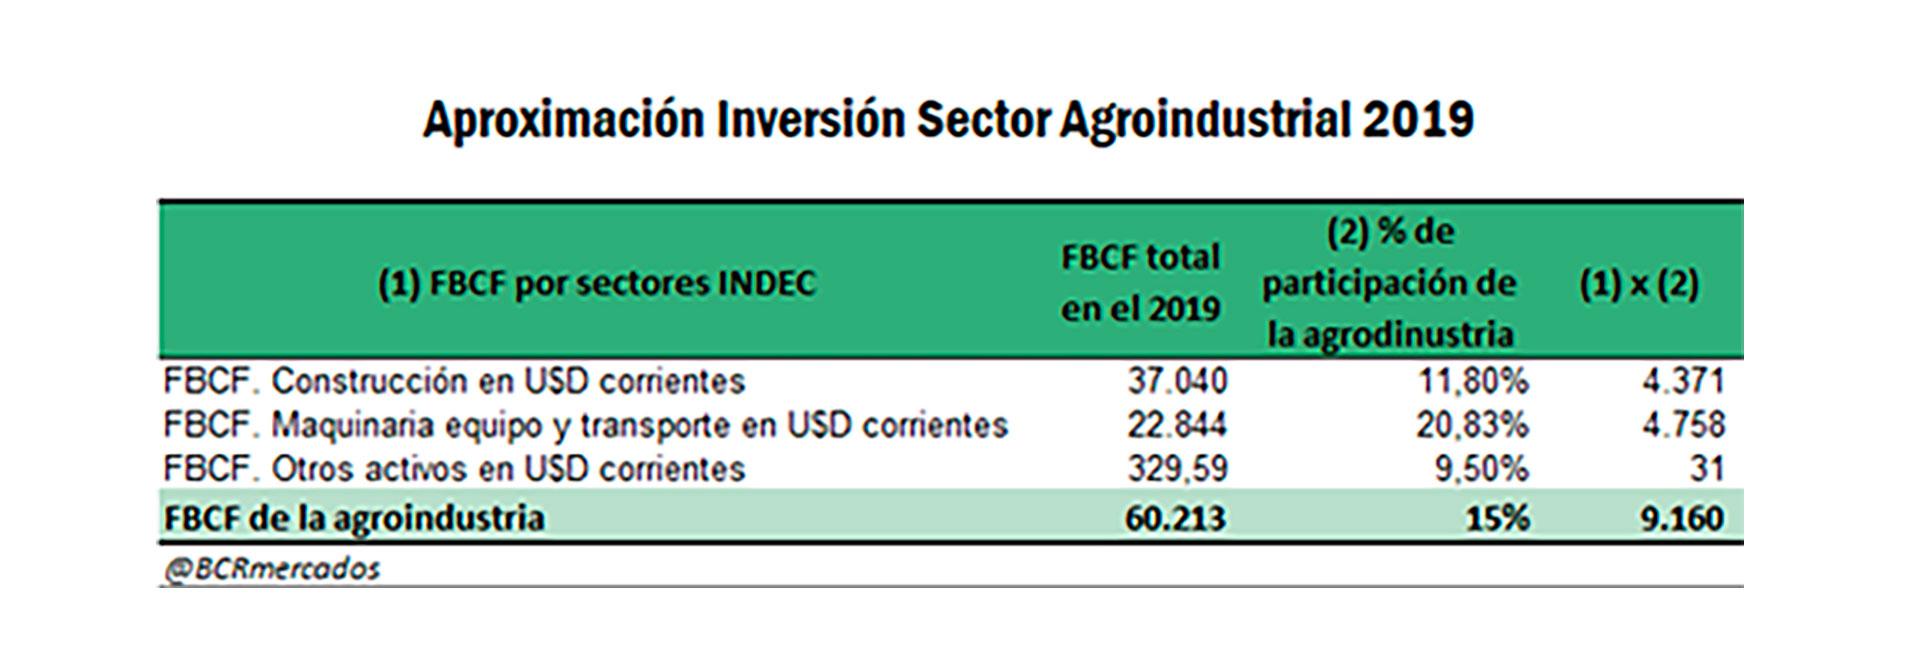 Detalle de la inversión realizada por la agroindustria durante 2019 en construcción, maquinaria y equipos de transporte (Bolsa de Comercio de Rosario)